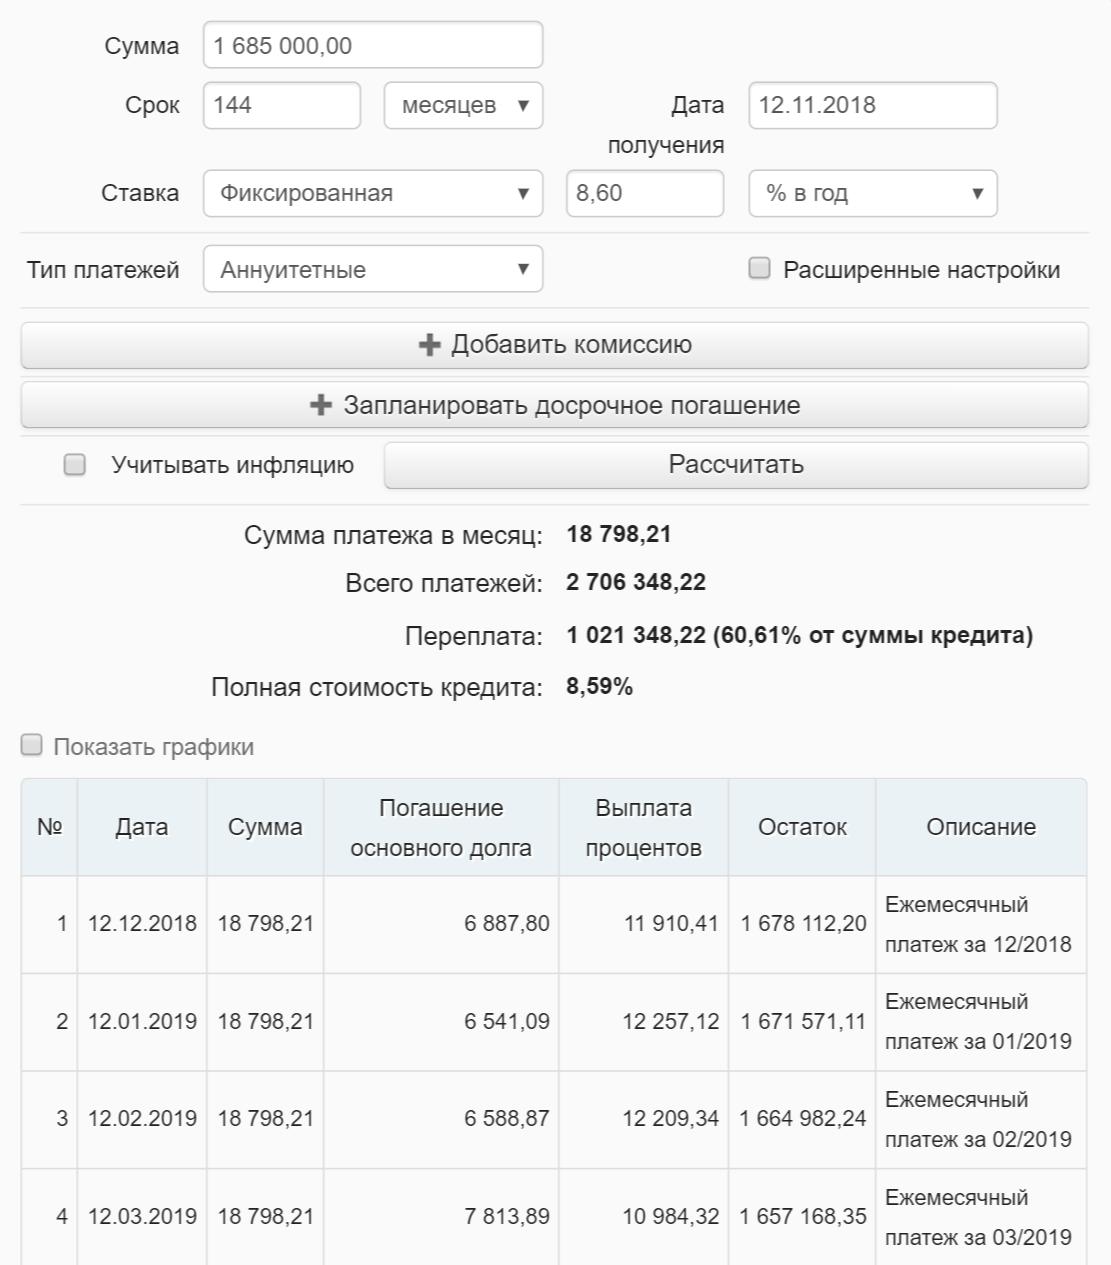 Переплата по кредиту составила&nbsp;бы 1 021 348,22<span class=ruble>Р</span>, ежемесячный платеж — 18 798,21<span class=ruble>Р</span>